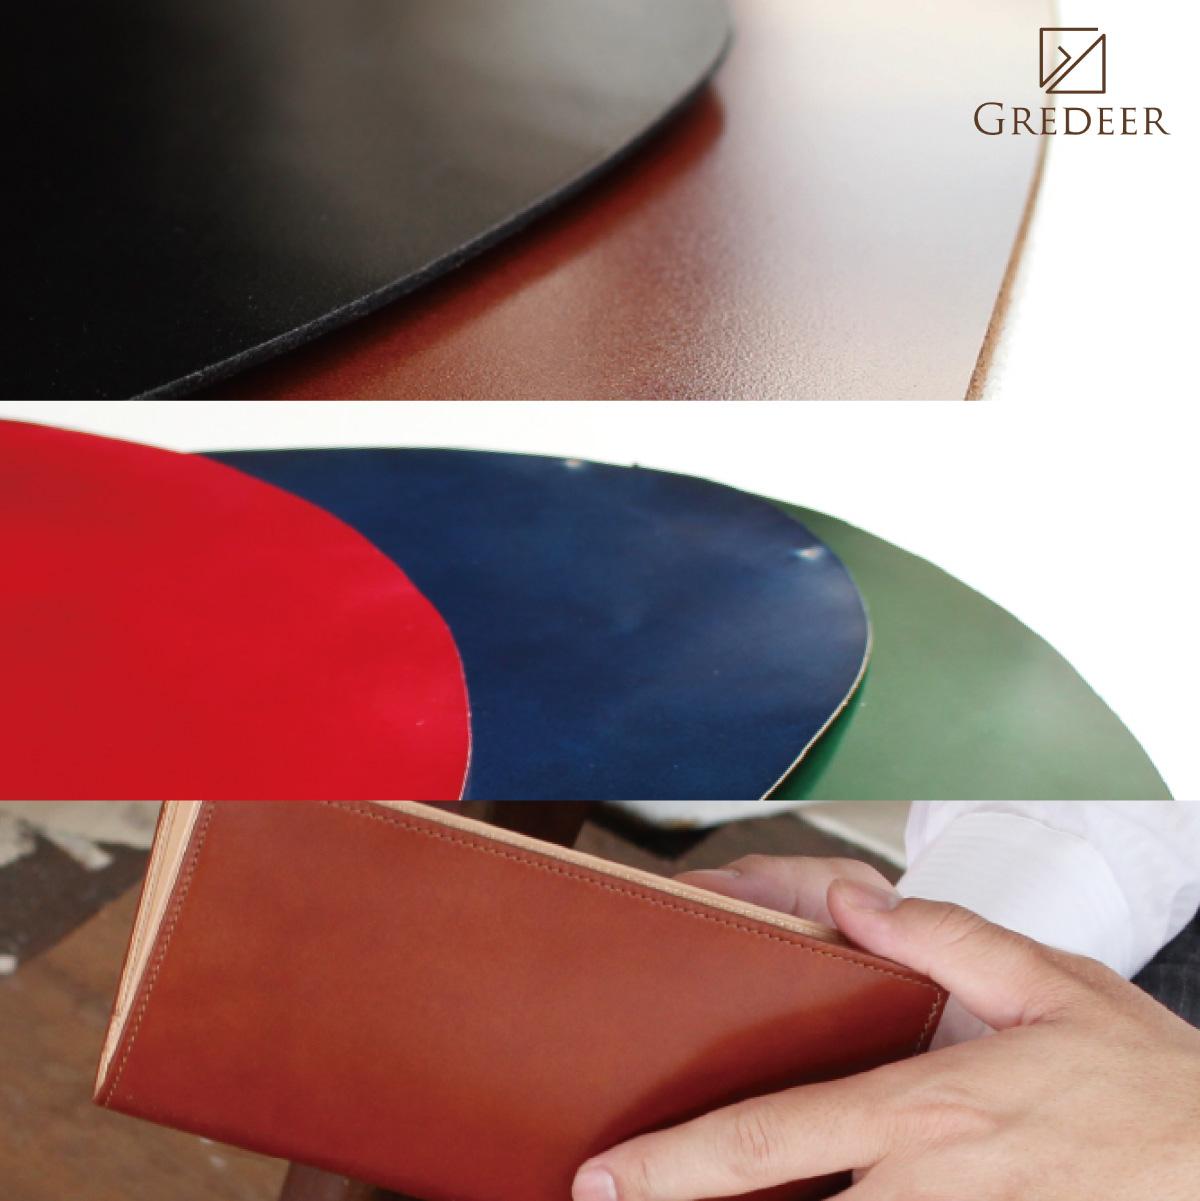 馬革(コードバン)のプレミアム財布 GREDEER コードバン ラウンドファスナー長財布 【カラー:レッド】